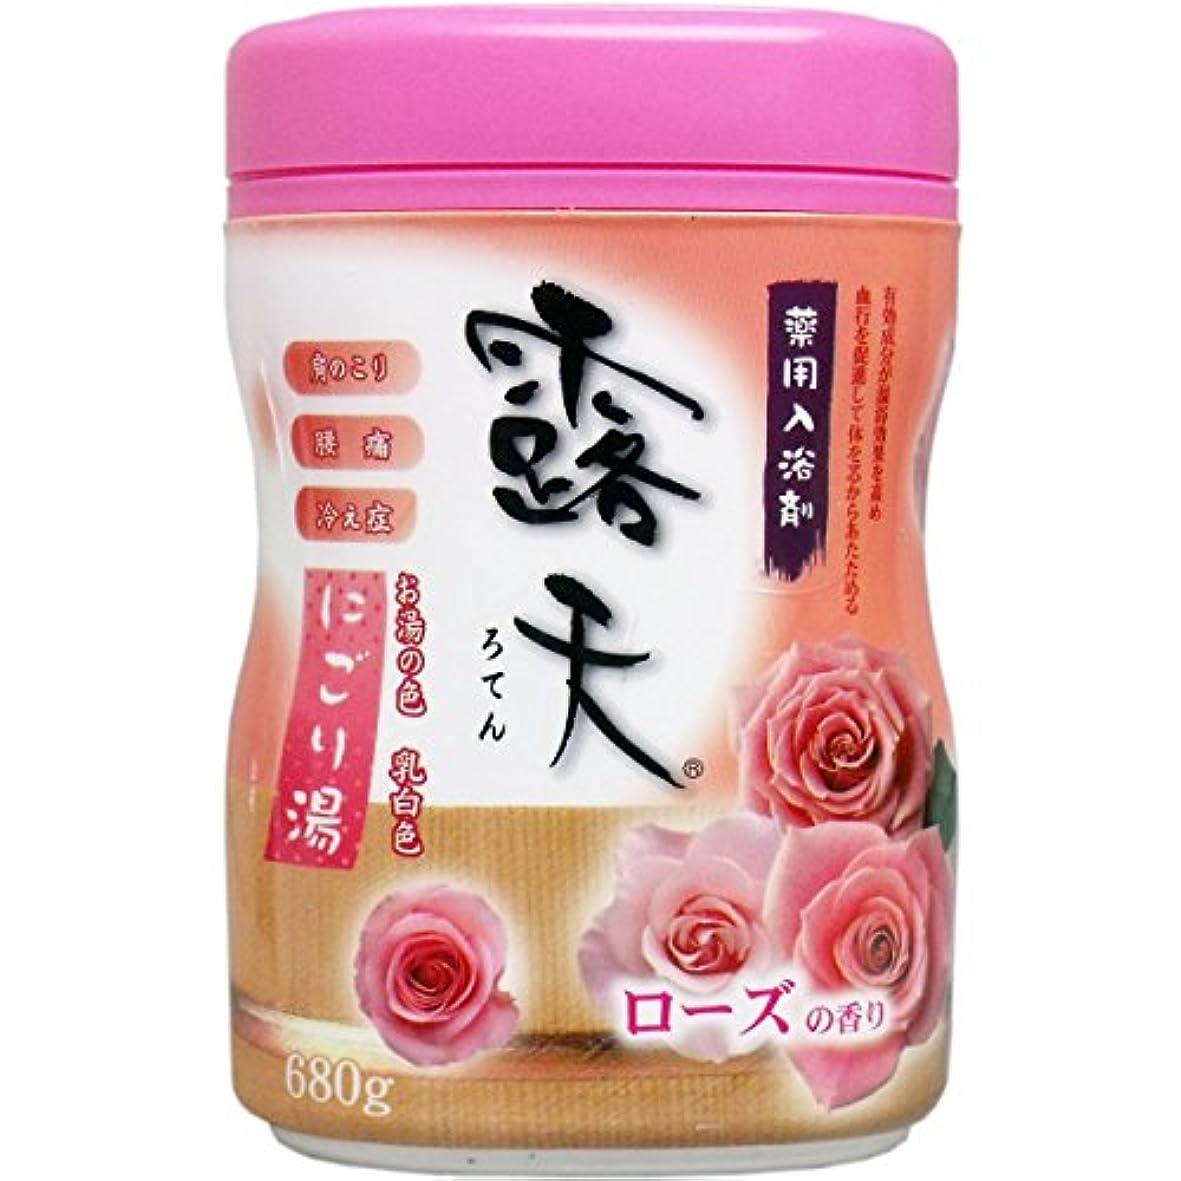 ハウジング砂利投資薬用入浴剤 露天 にごり湯 ローズの香り 680g